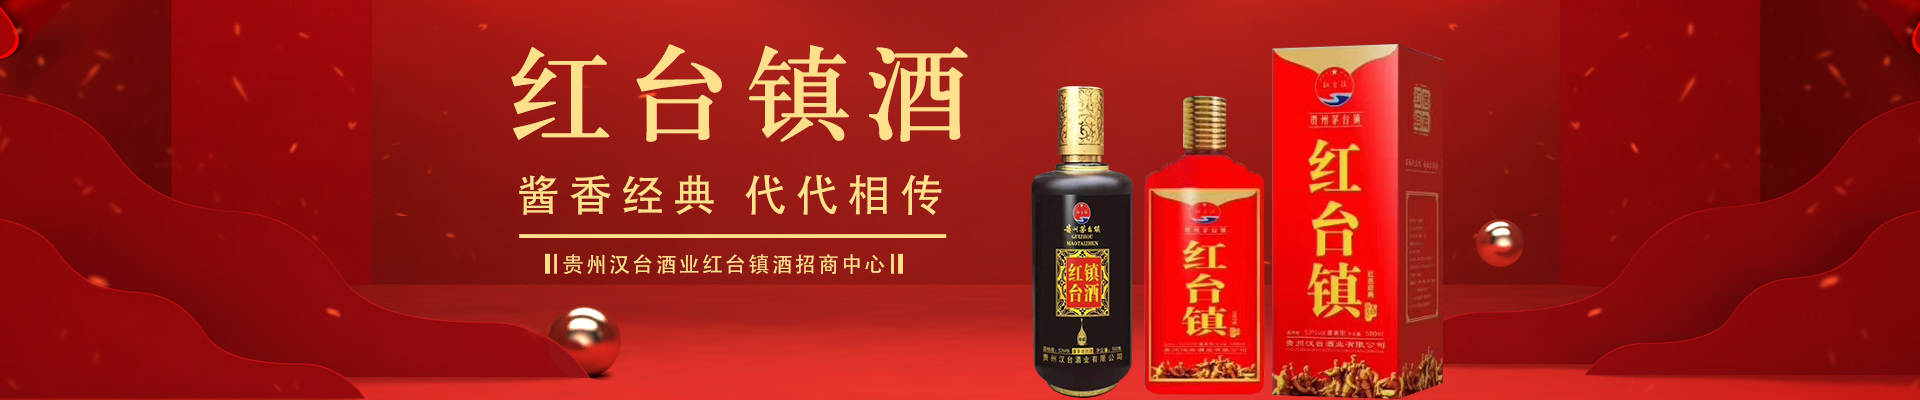 贵州汉台酒业红台镇酒招商中心